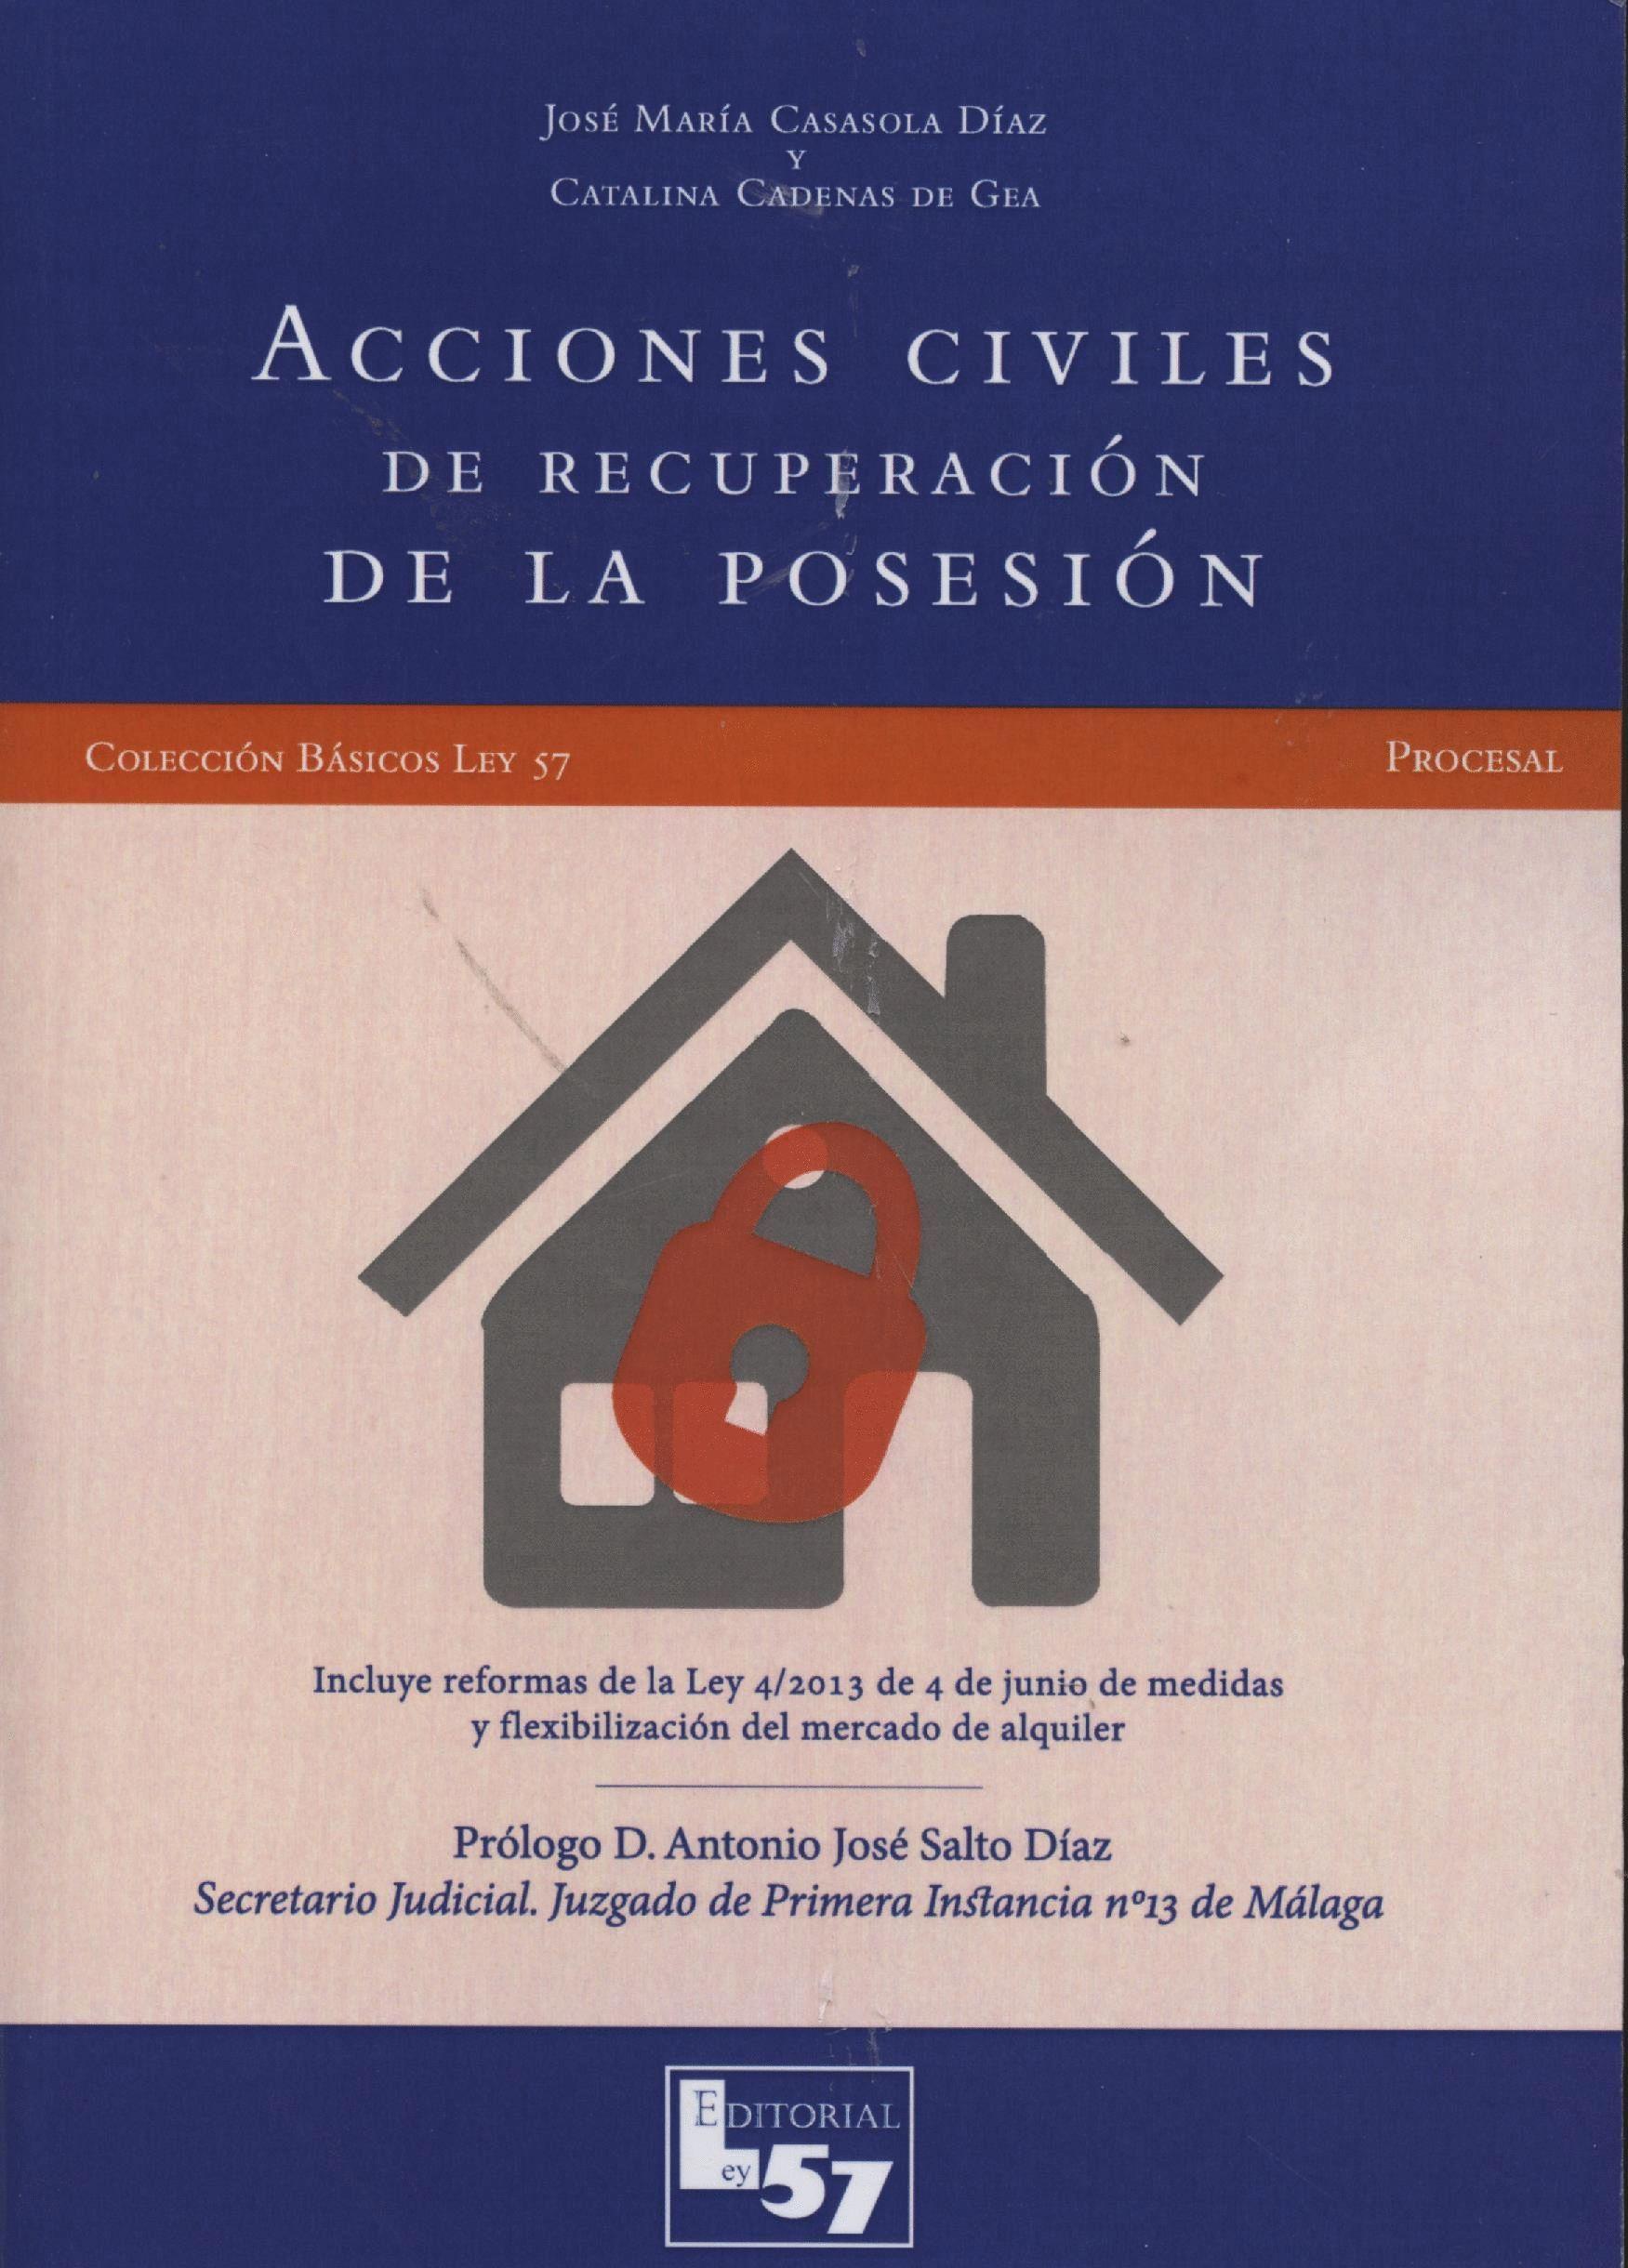 ACCIONES CIVILES DE RECUPERACIÓN DE LA POSESIÓN